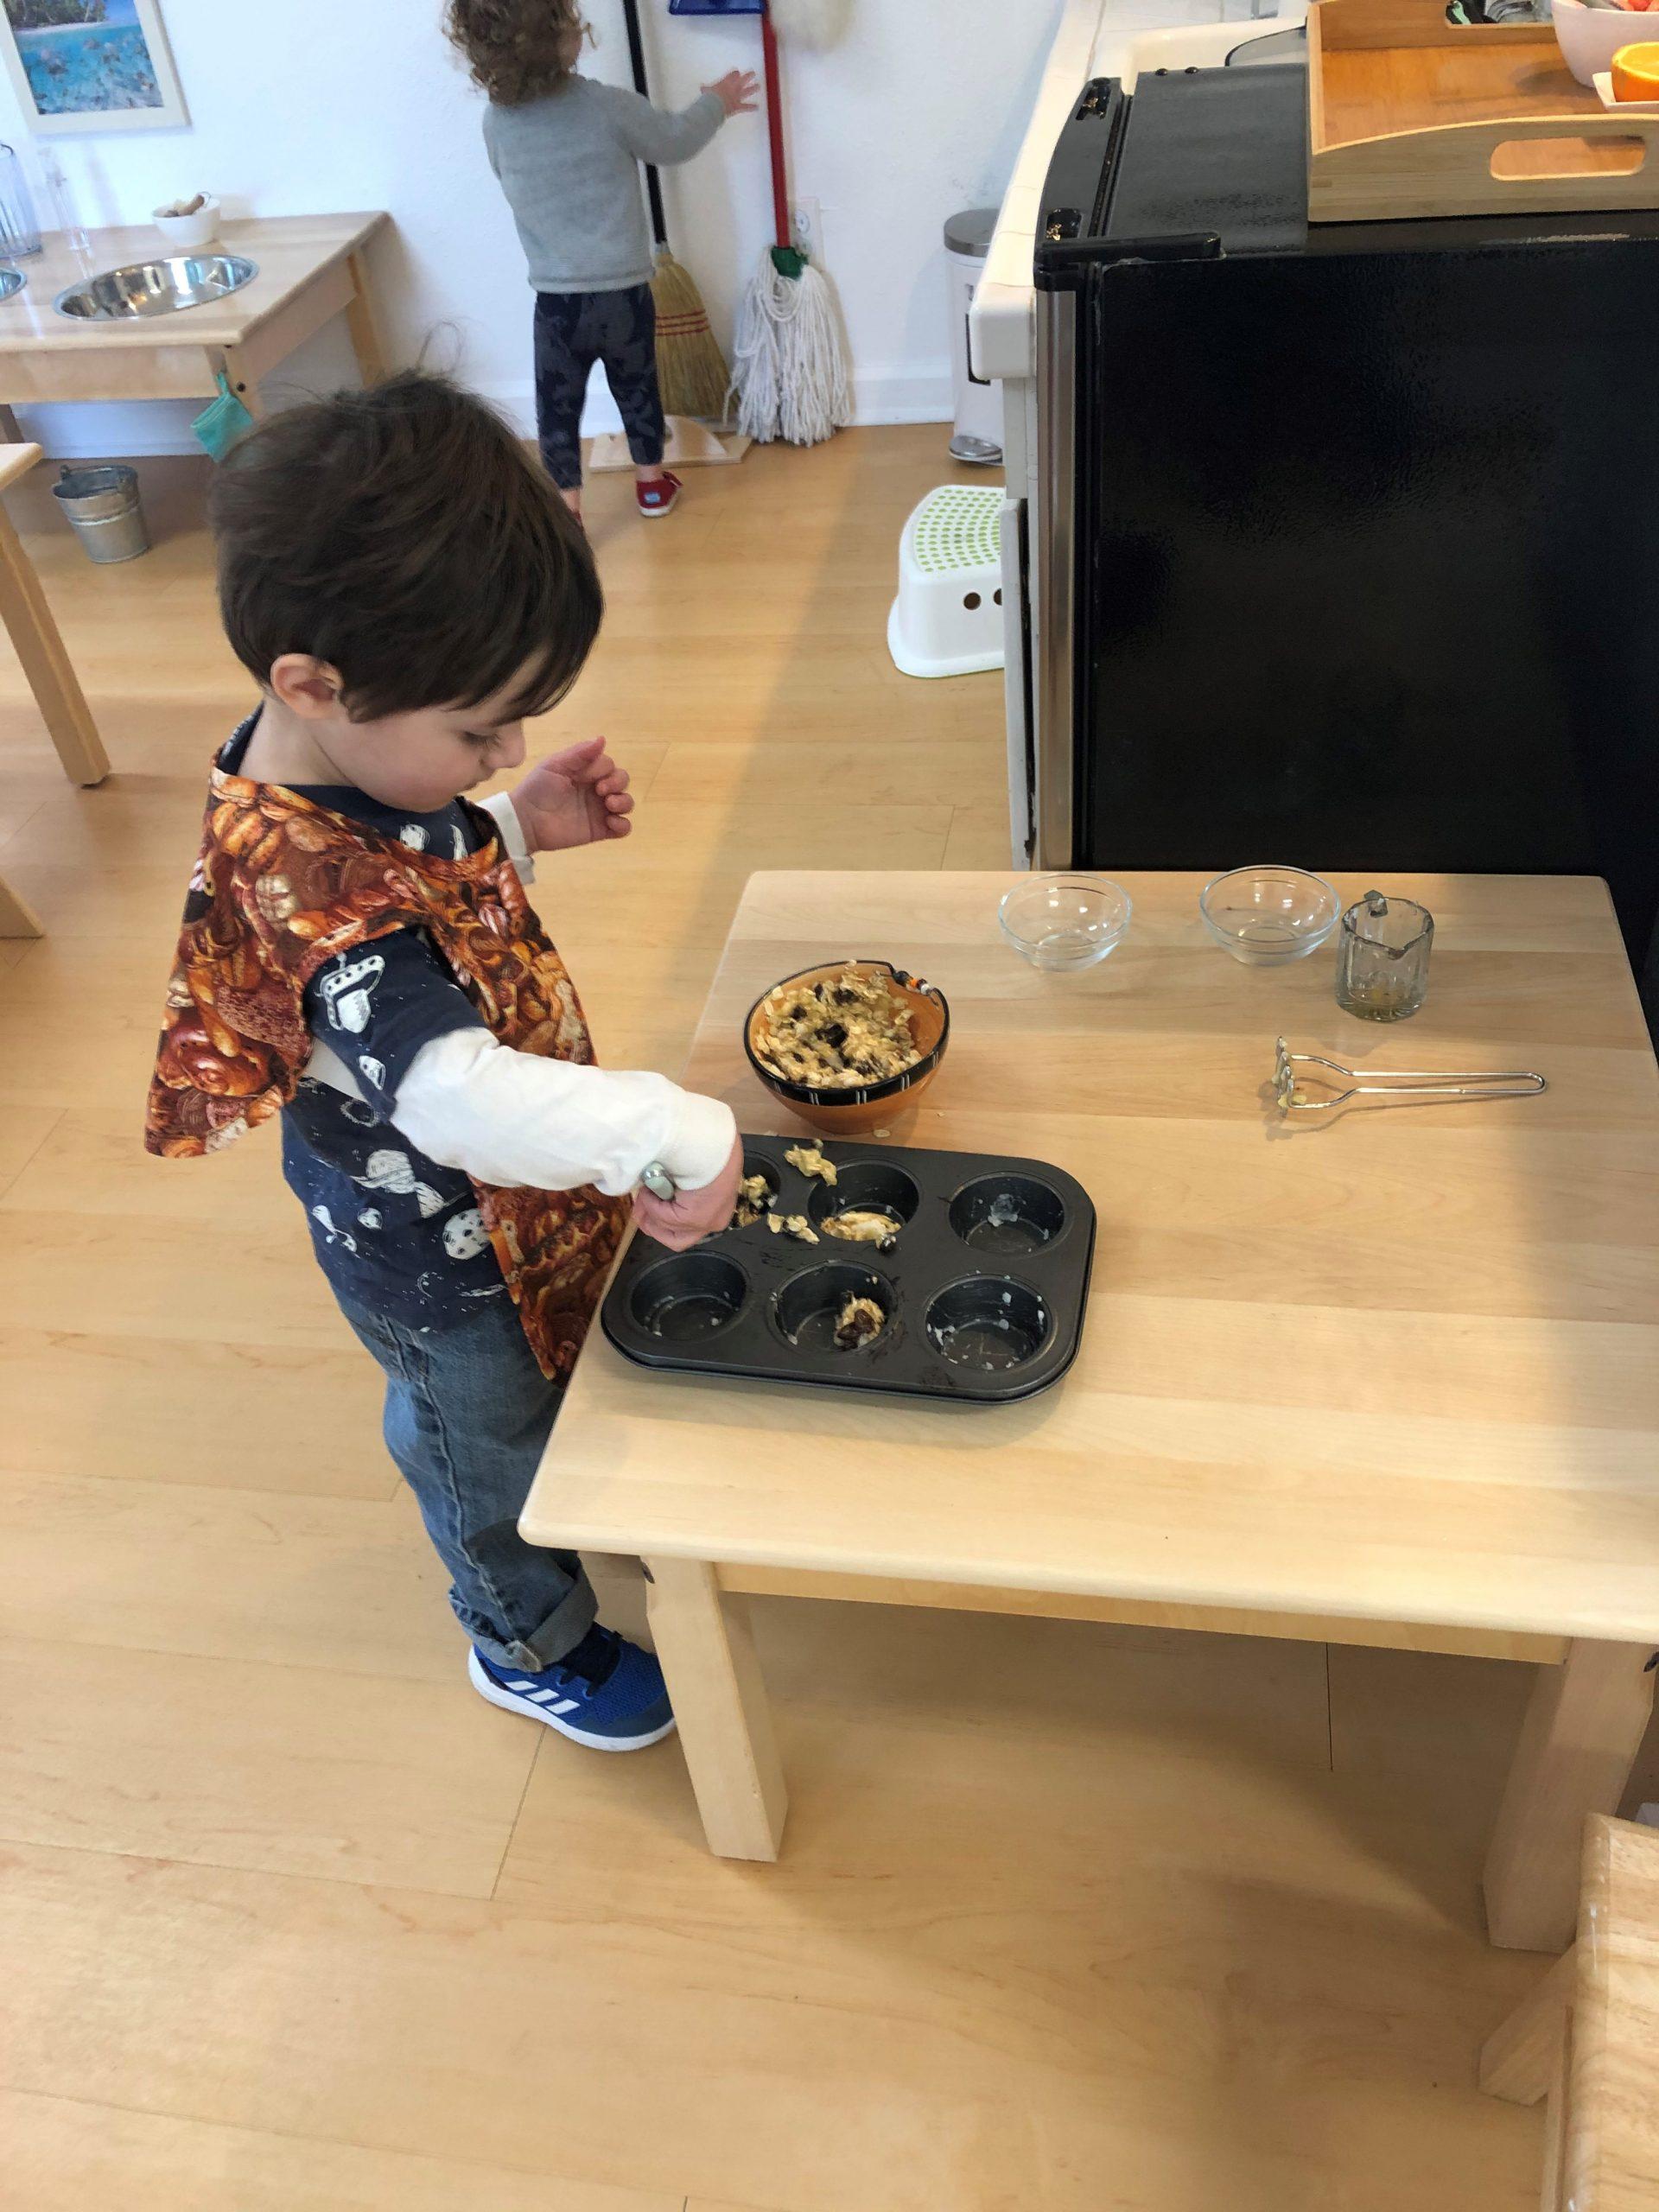 Toddler baking muffins